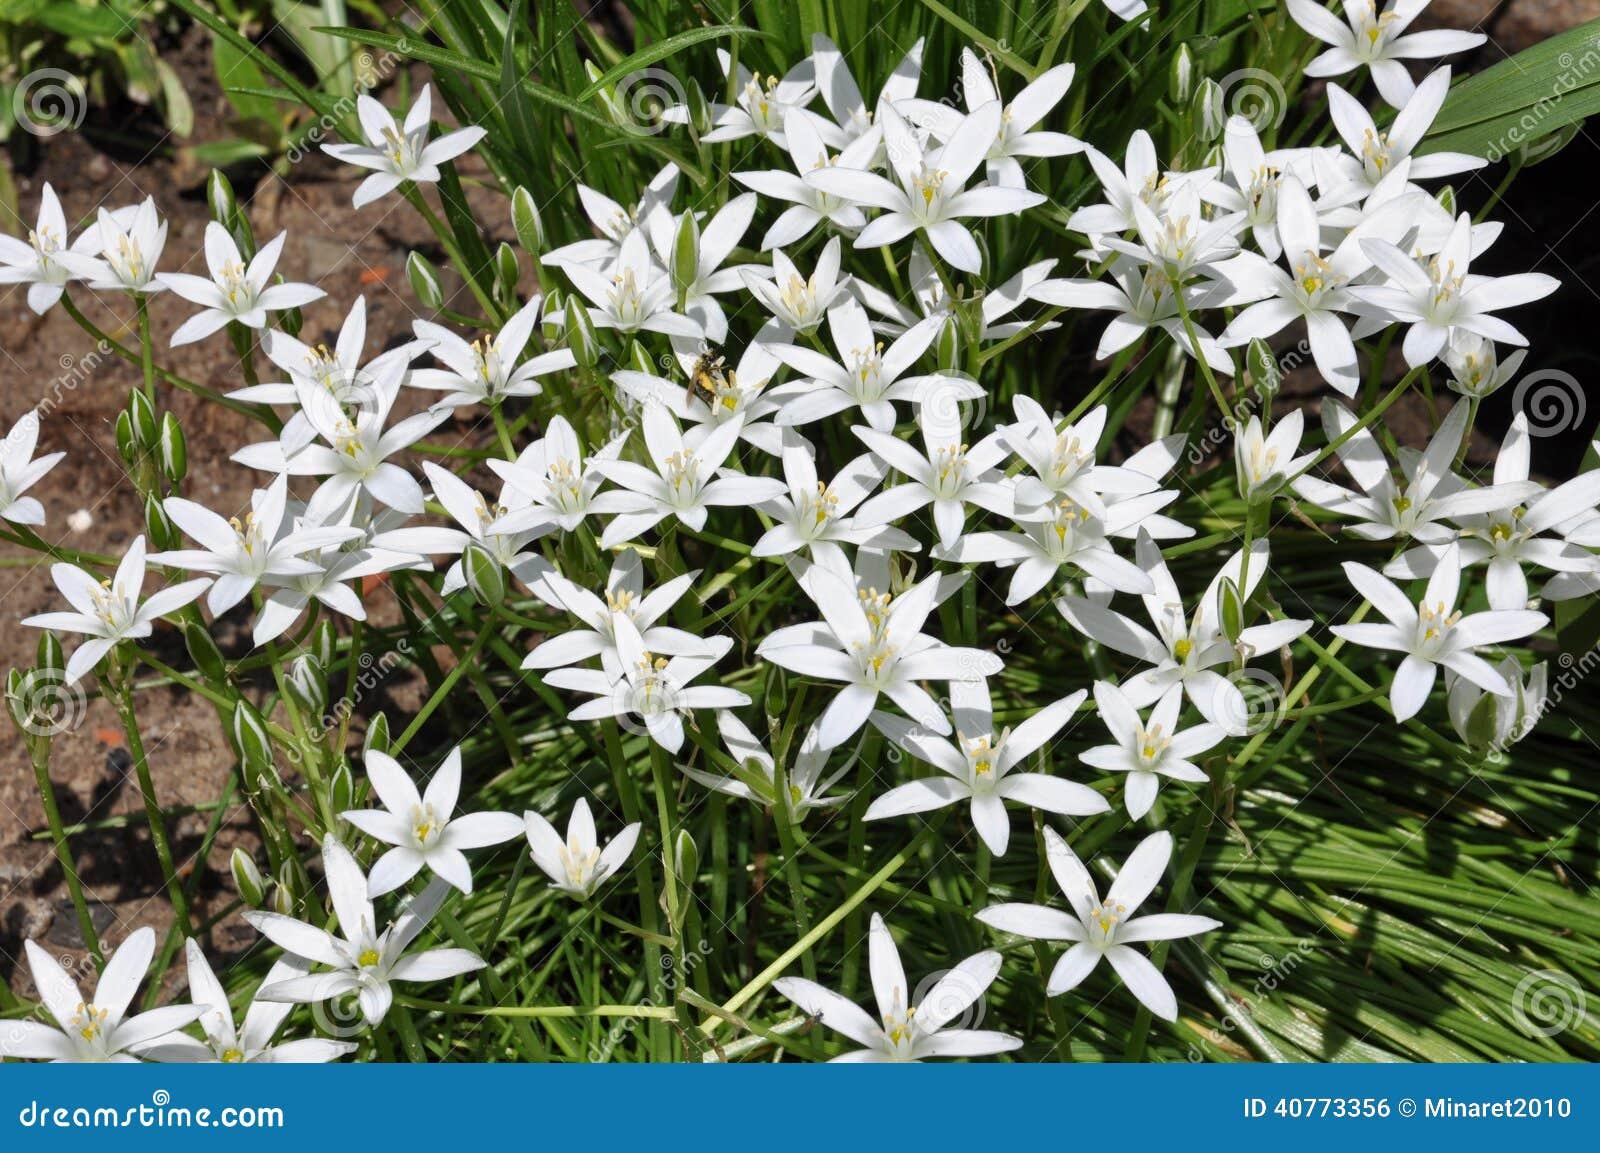 Fleurs blanches dans le jardin photo stock image 40773356 for Jardin de fleurs blanches